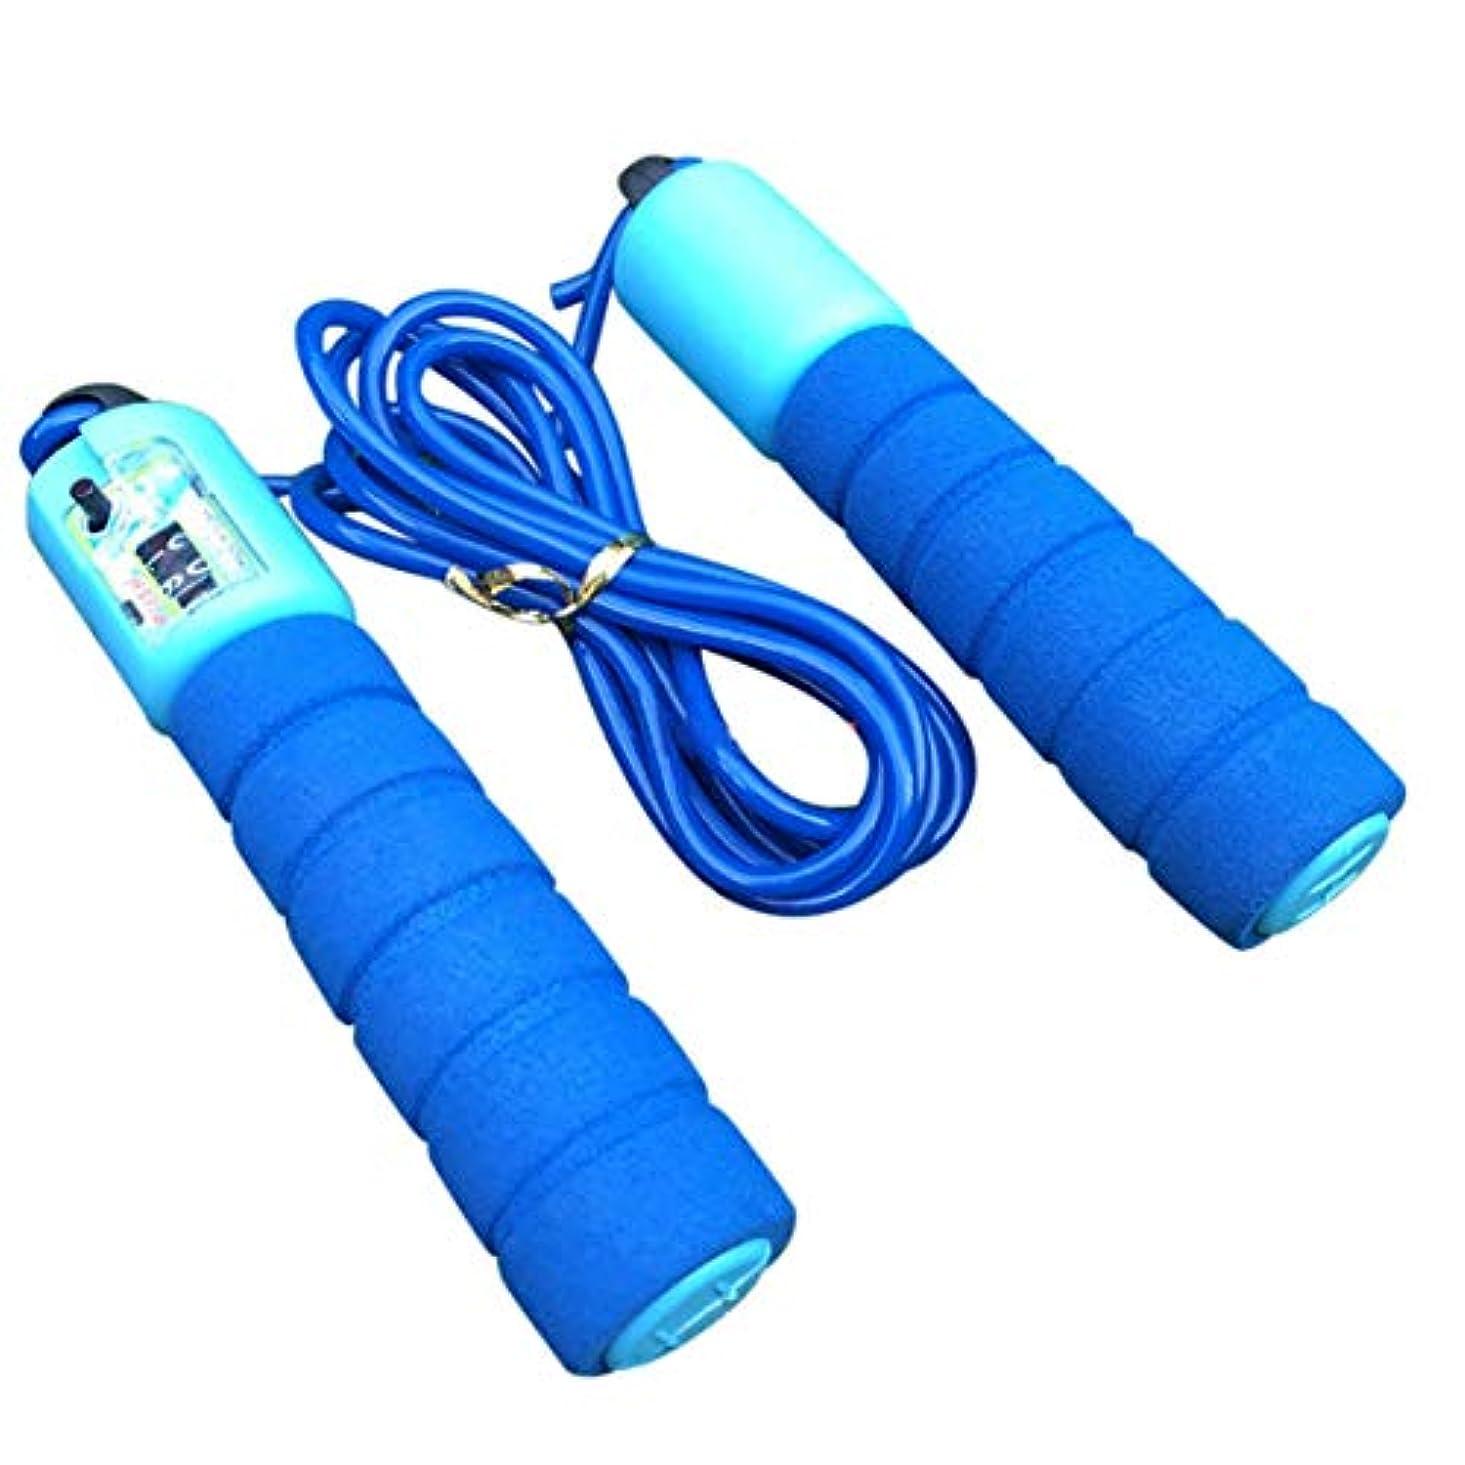 アイデア黄ばむ誤解させる調整可能なプロフェッショナルカウント縄跳び自動カウントジャンプロープフィットネス運動高速カウントジャンプロープ - 青